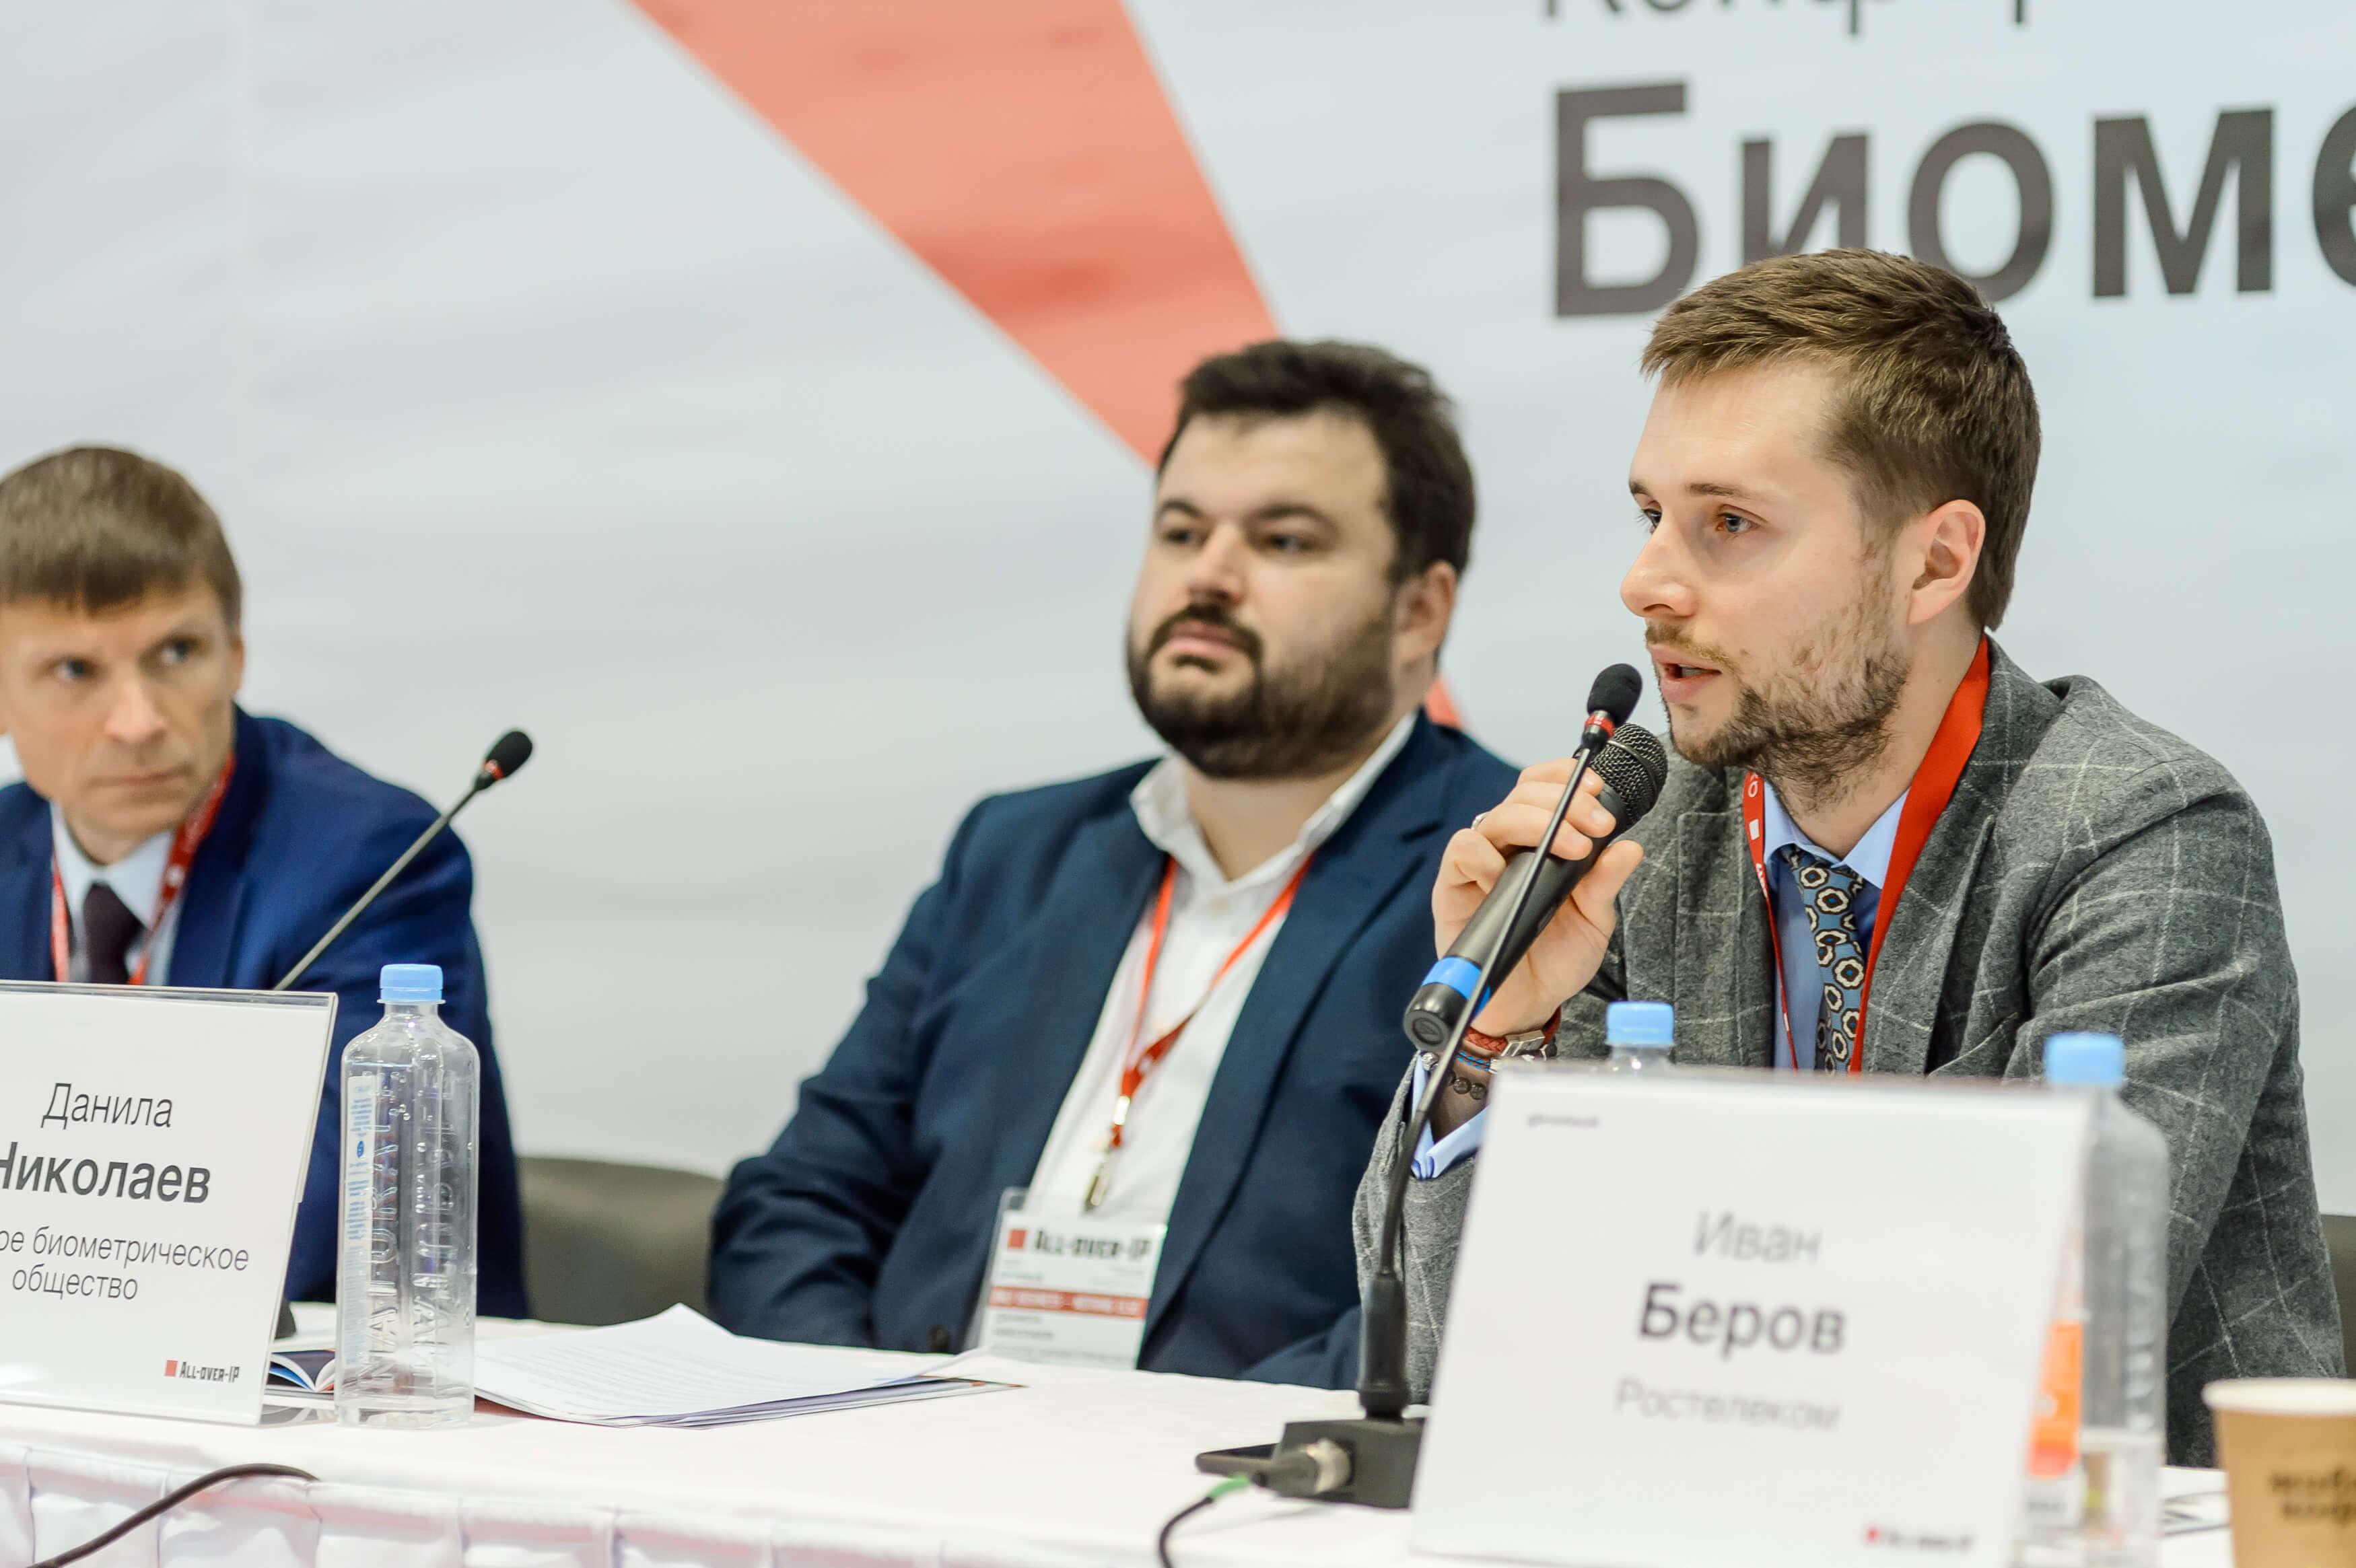 Технологический бум на Биометрическом конгресса 23 ноября